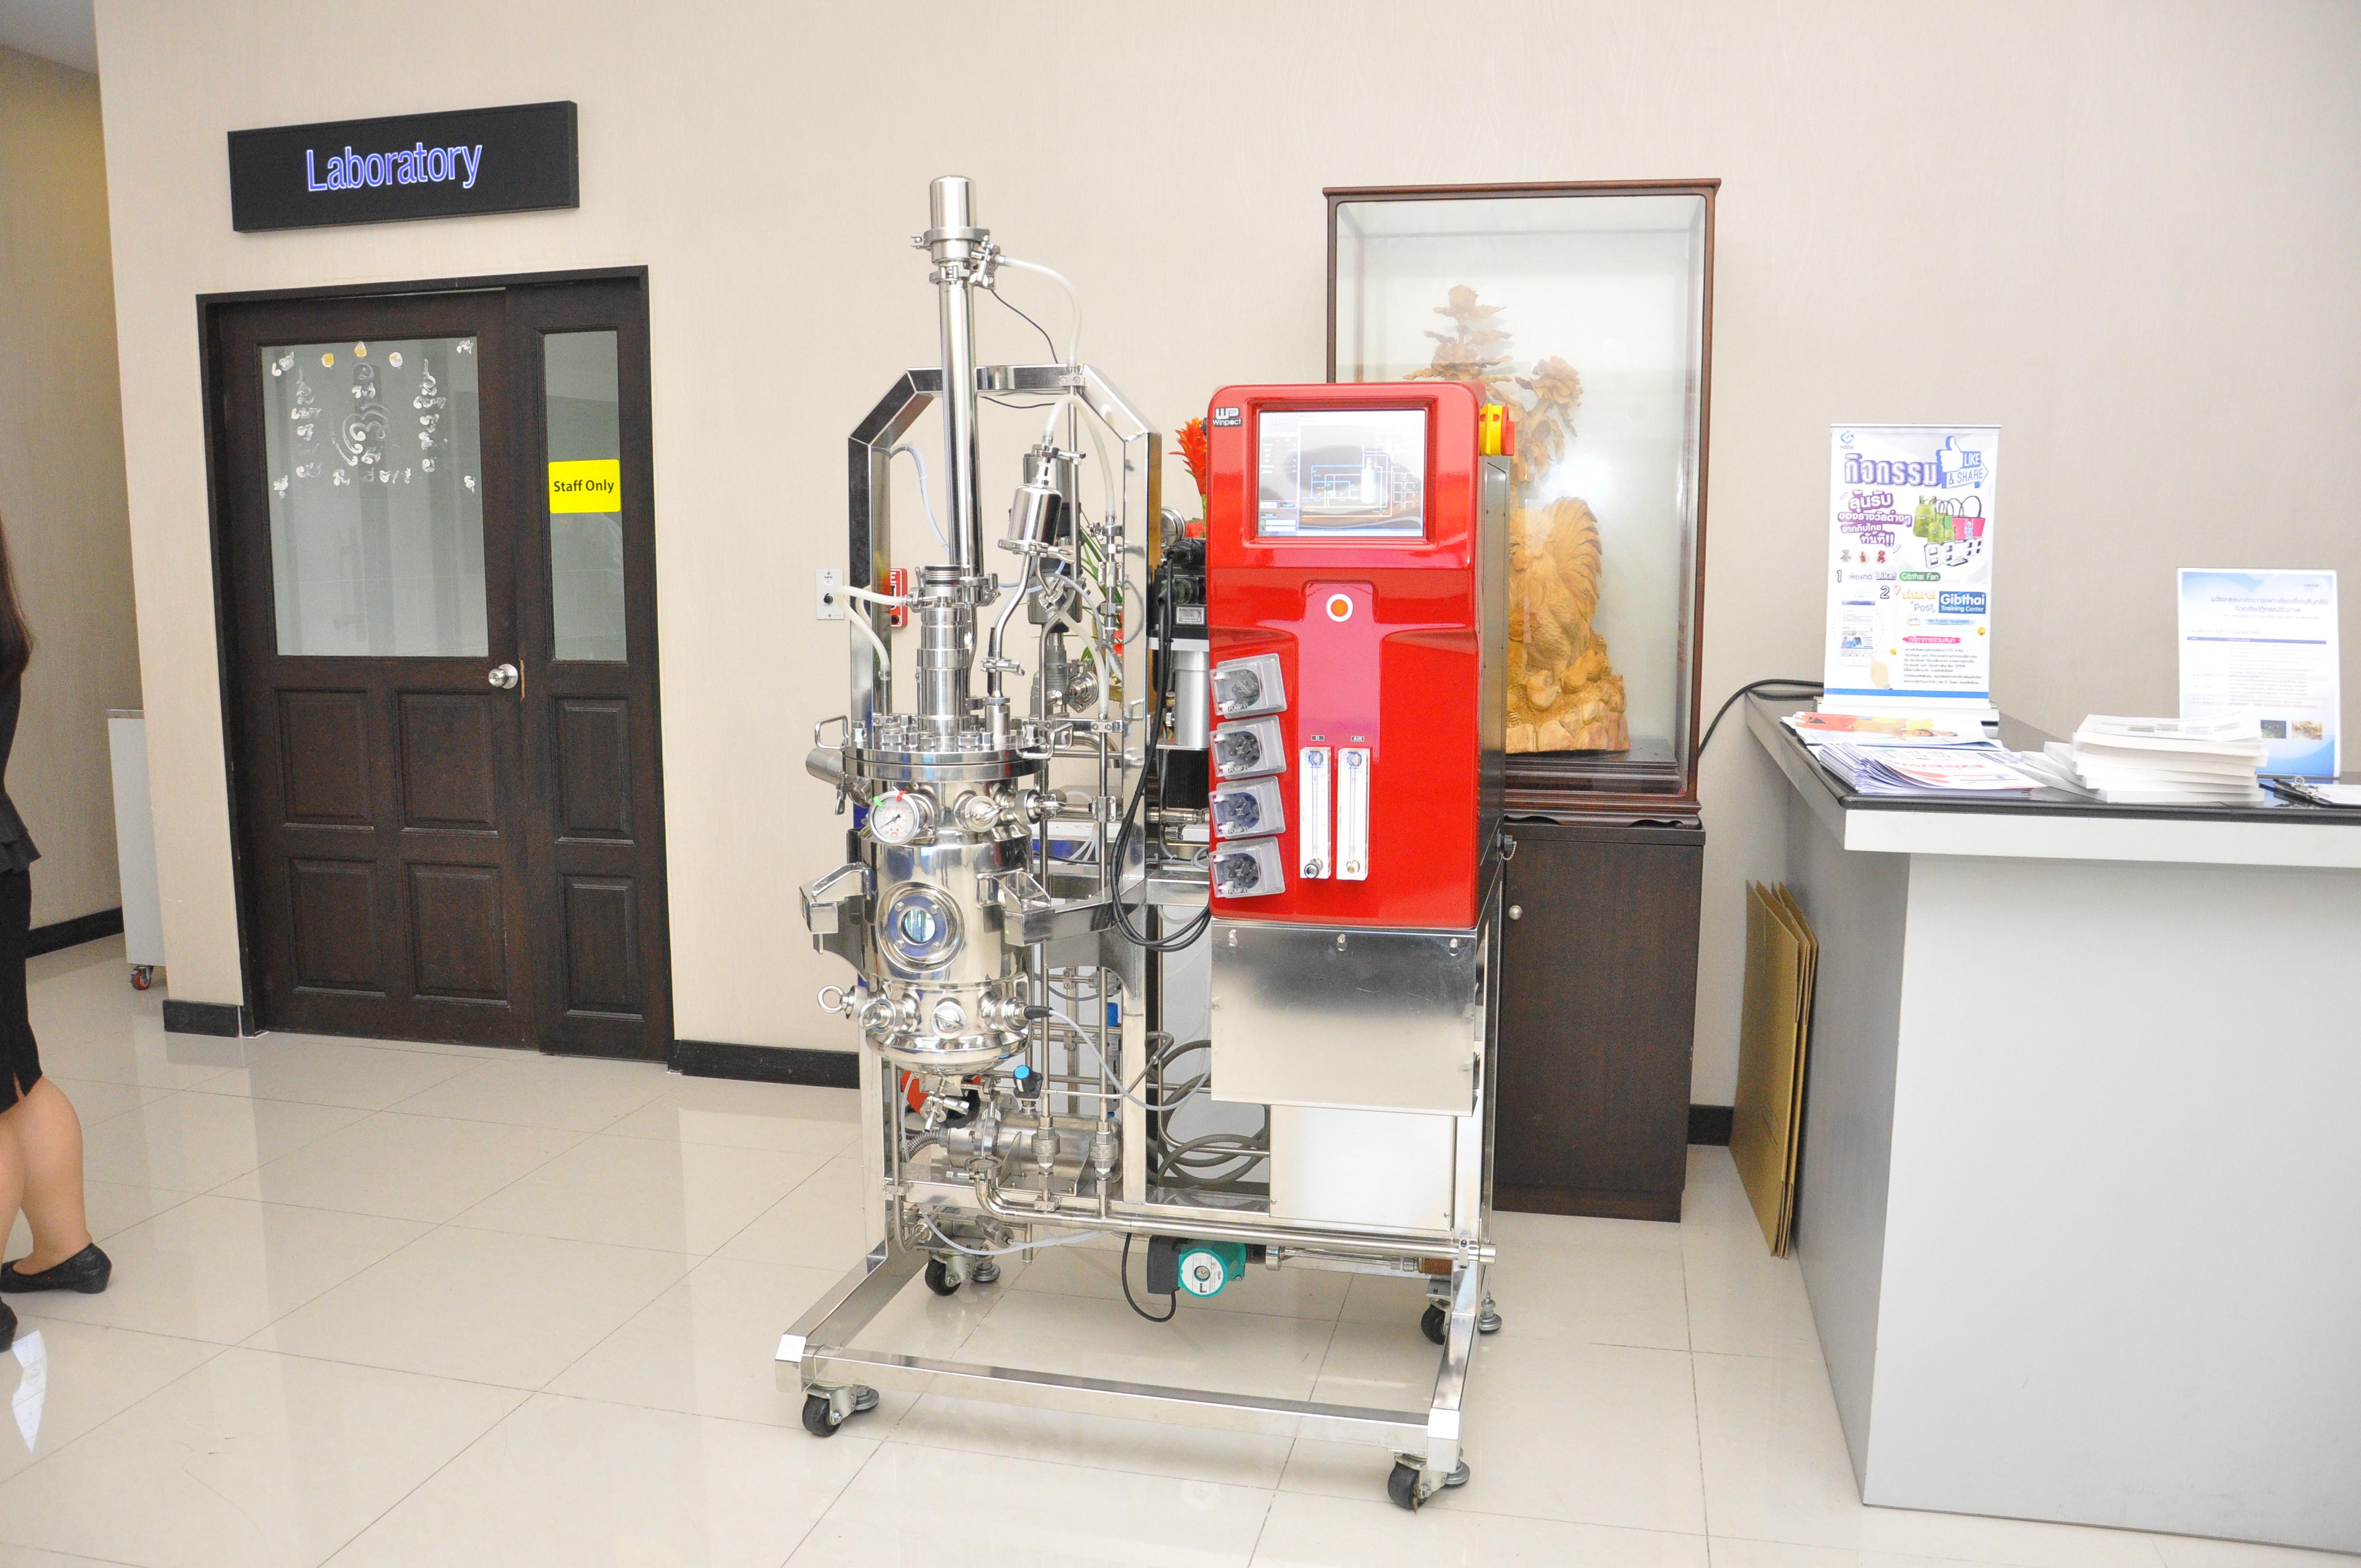 สัมมนาเรื่อง  นวัตกรรมการเพาะเลี้ยงเชื้อจุลินทรีย์ ด้วยถังปฏิกรณ์ชีวภาพ